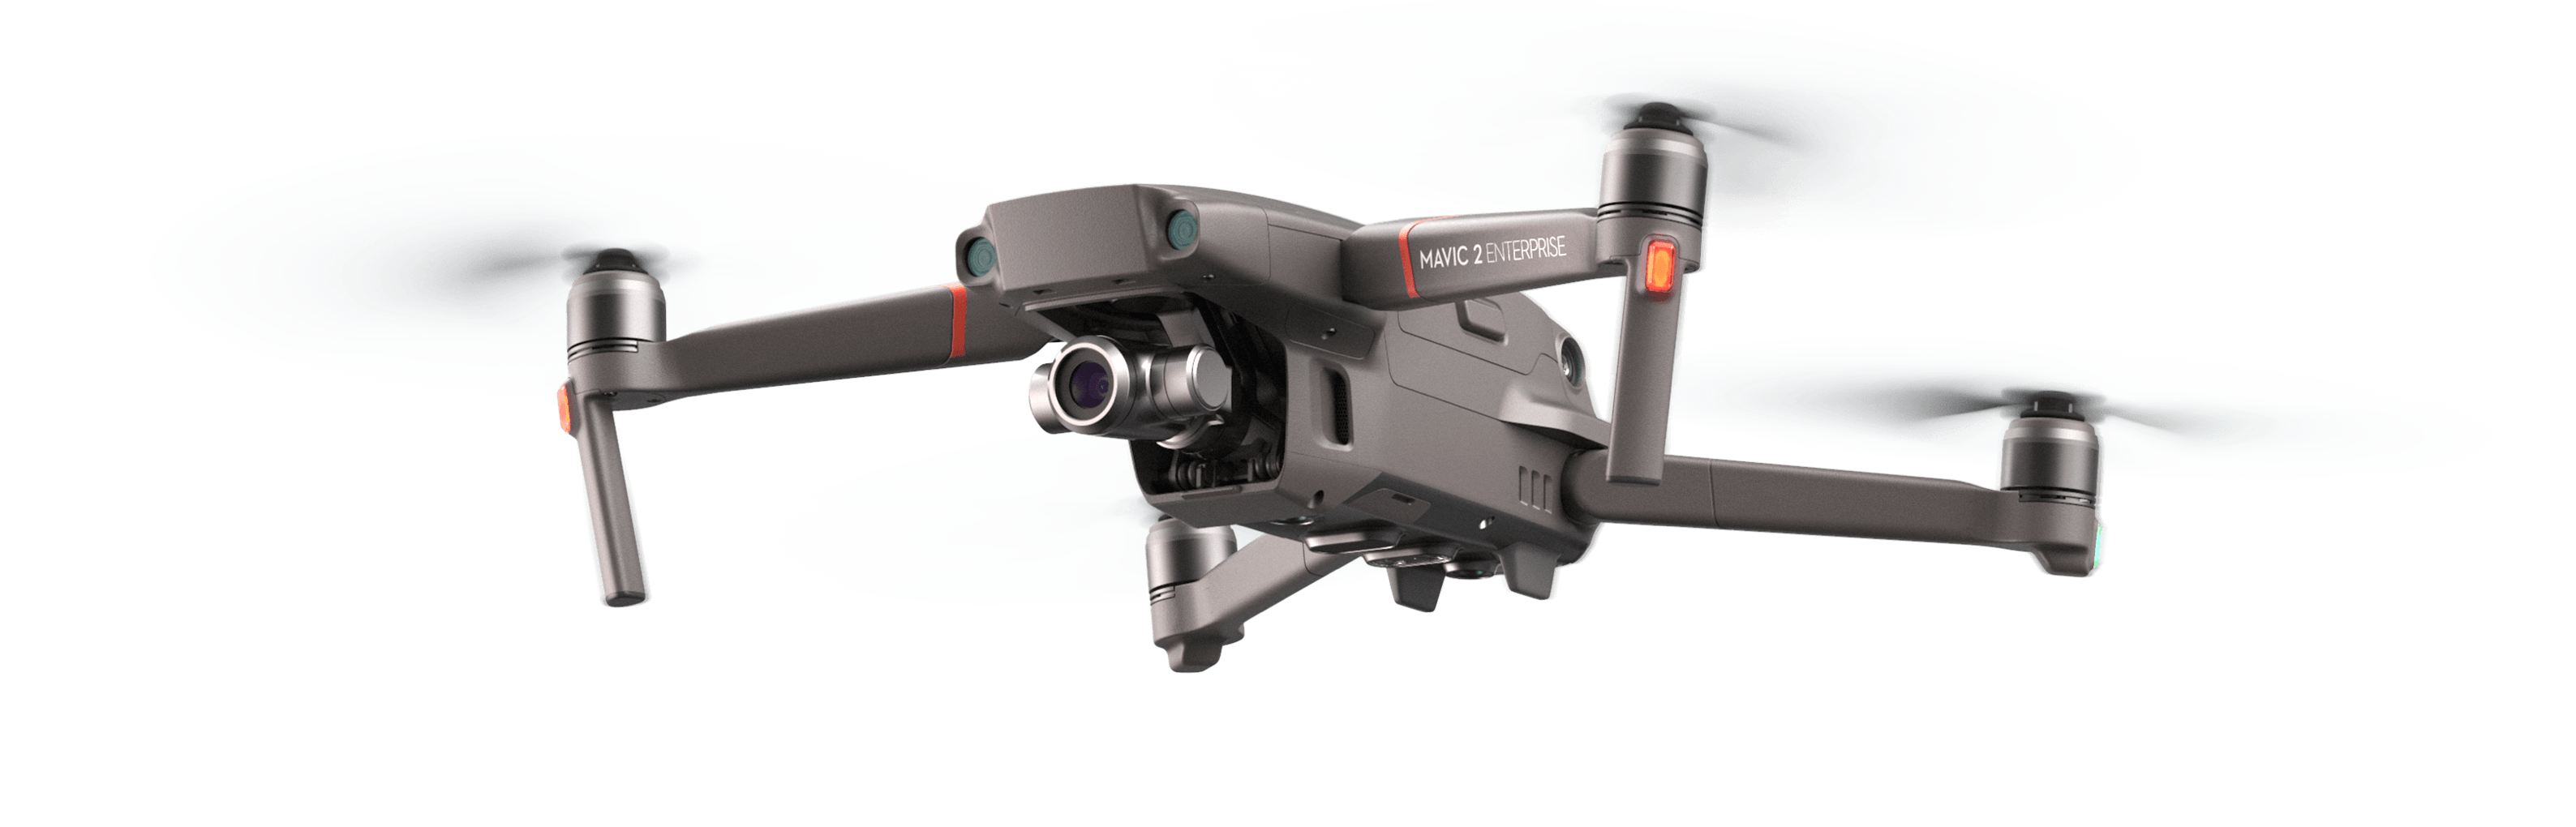 Promotion ar drone 2.0 power edition, avis drone belgique